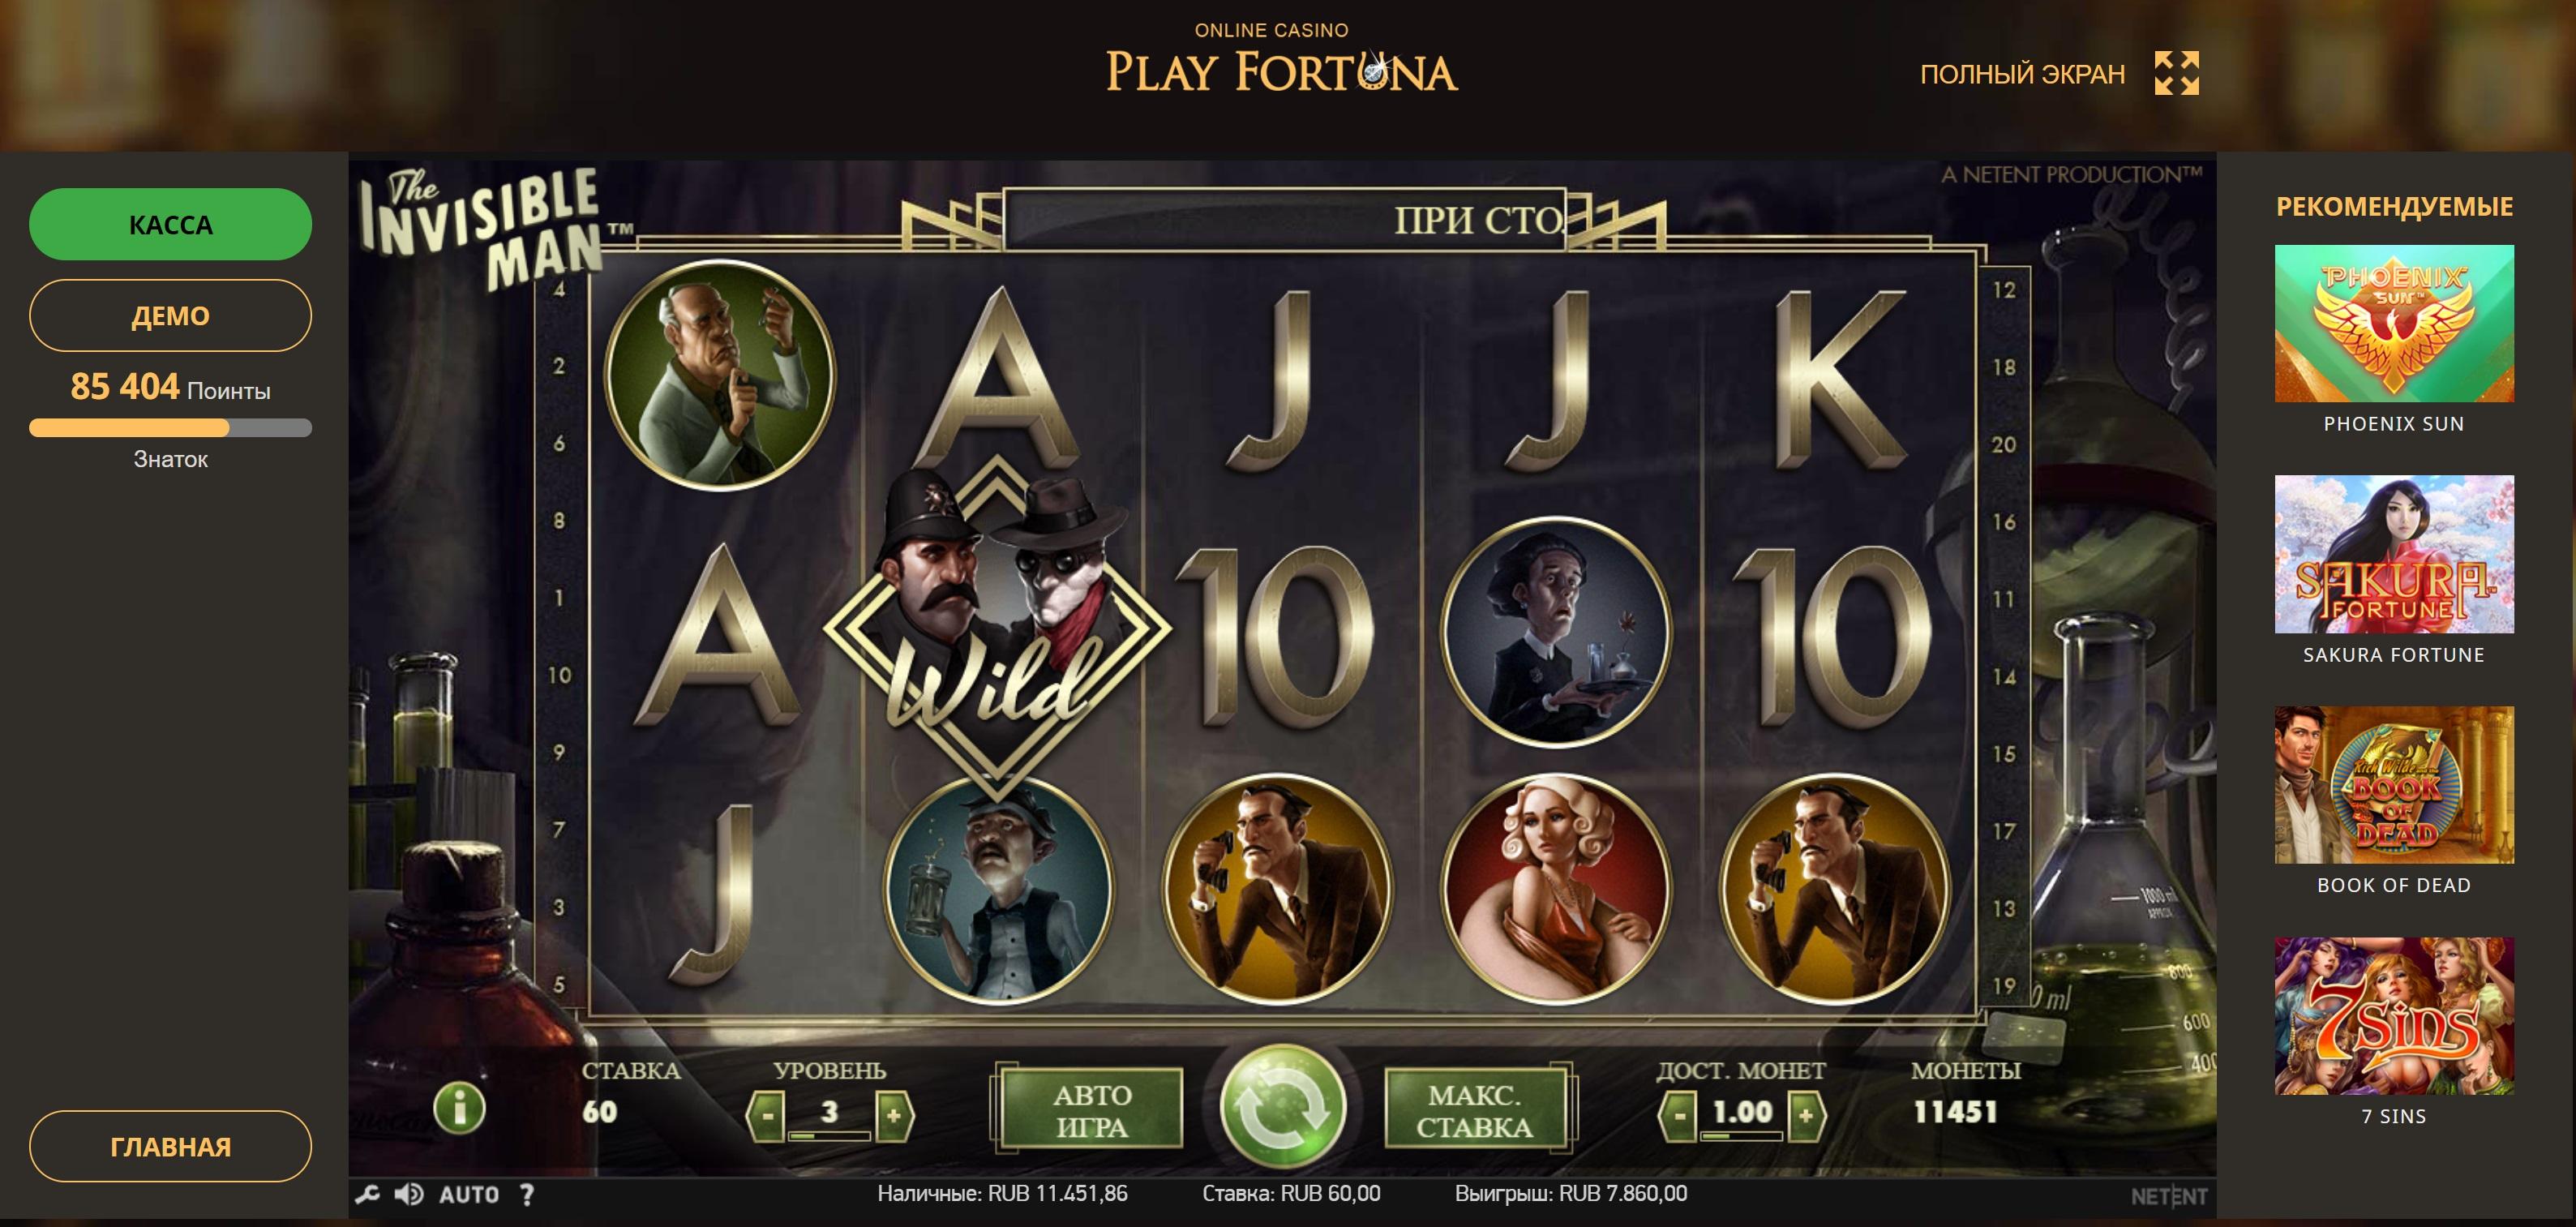 казино шанс бездепозитный бонус 300 р